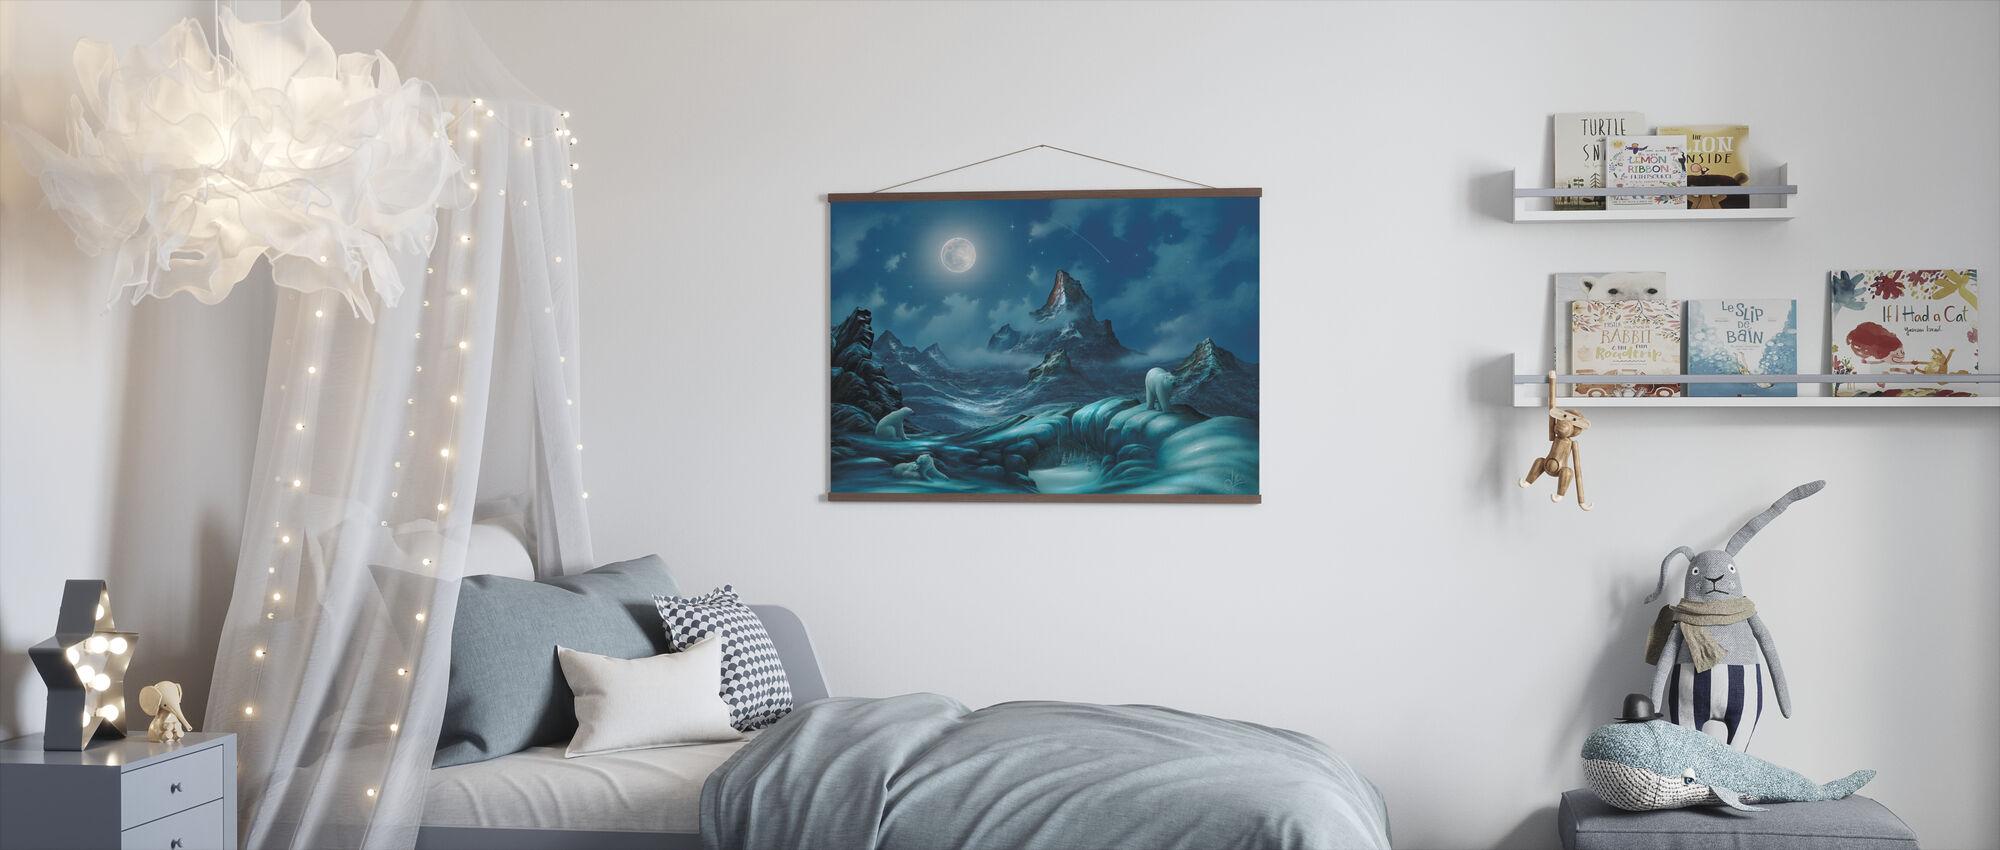 Herrer av Arktis - Plakat - Barnerom